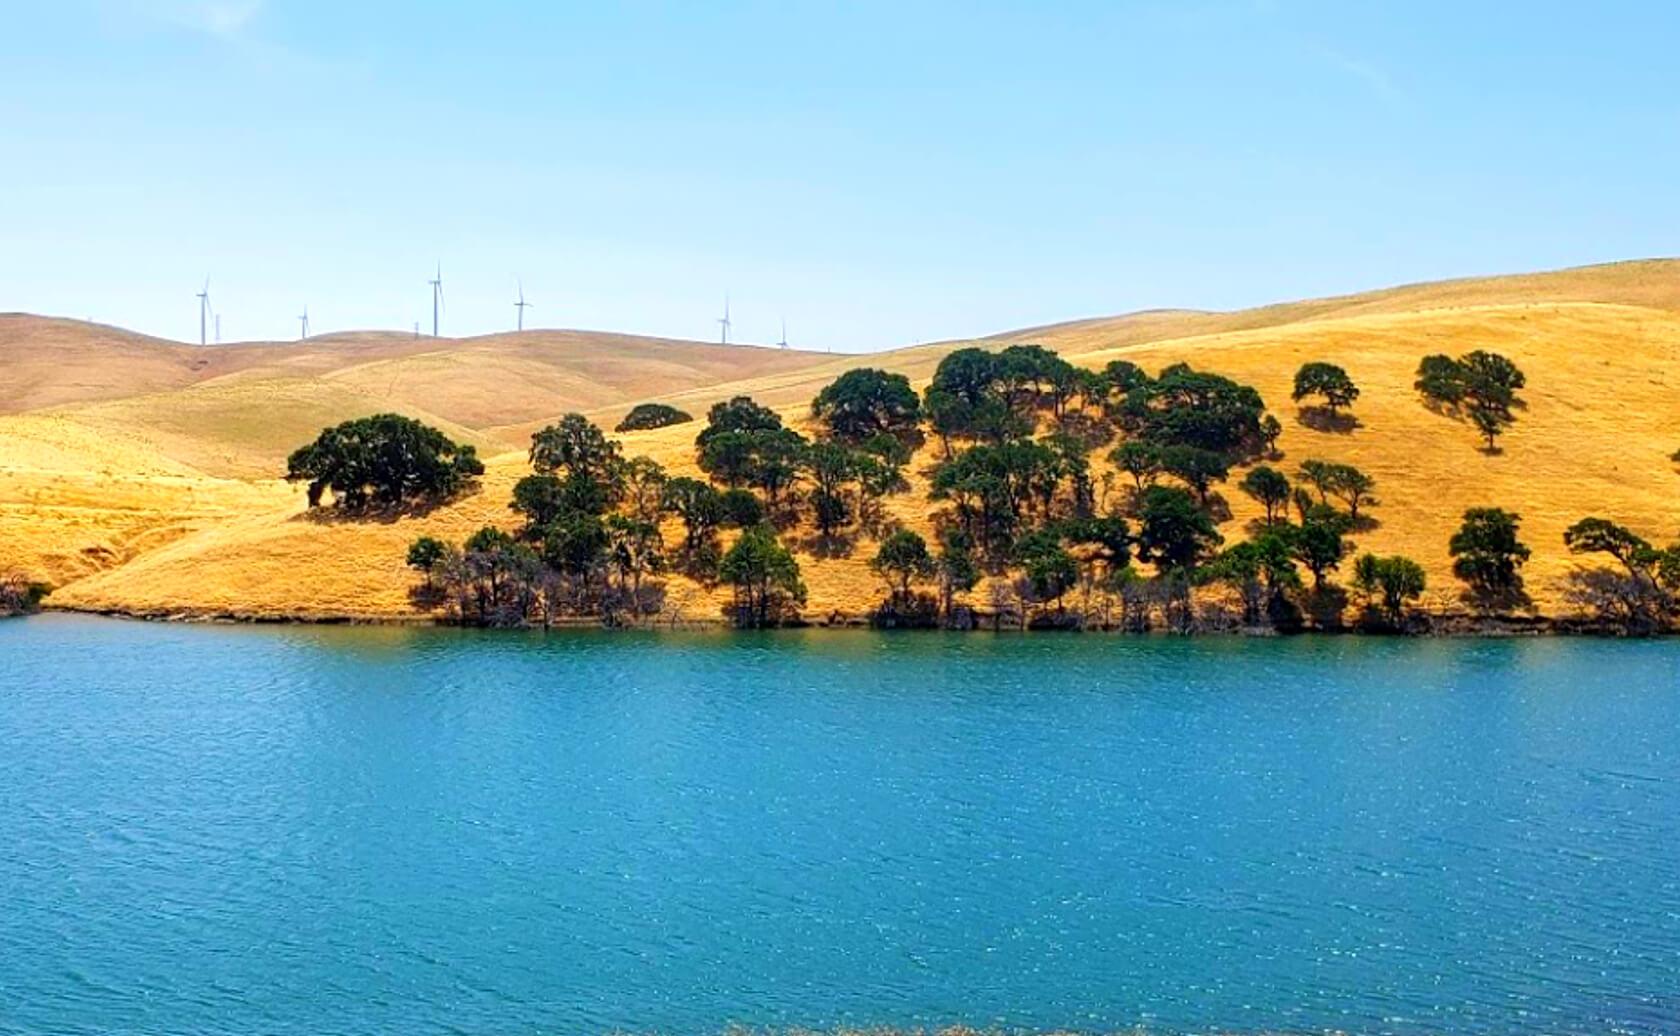 Los-Vaqueros-Reservoir-Lake-Fishing-Guide-Report-California-05